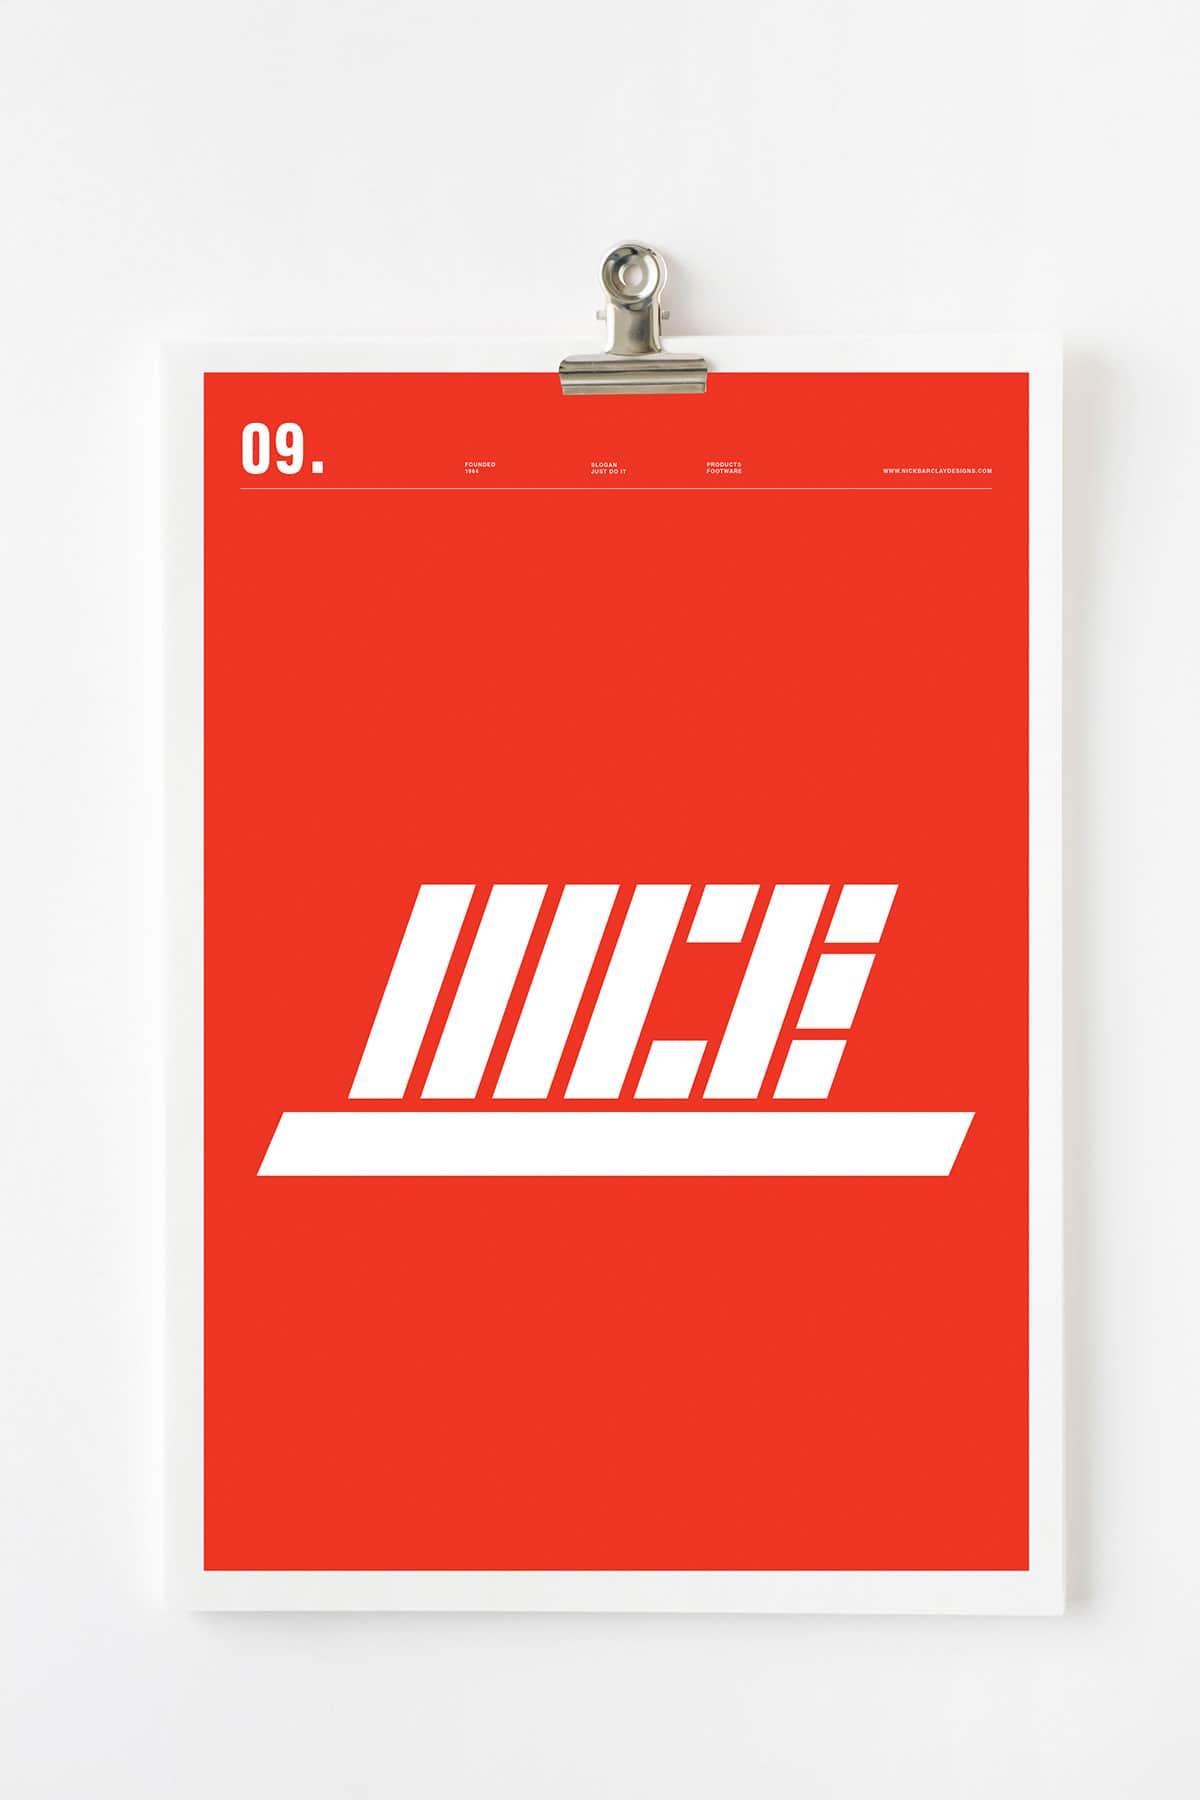 line logos - minimal logos 10